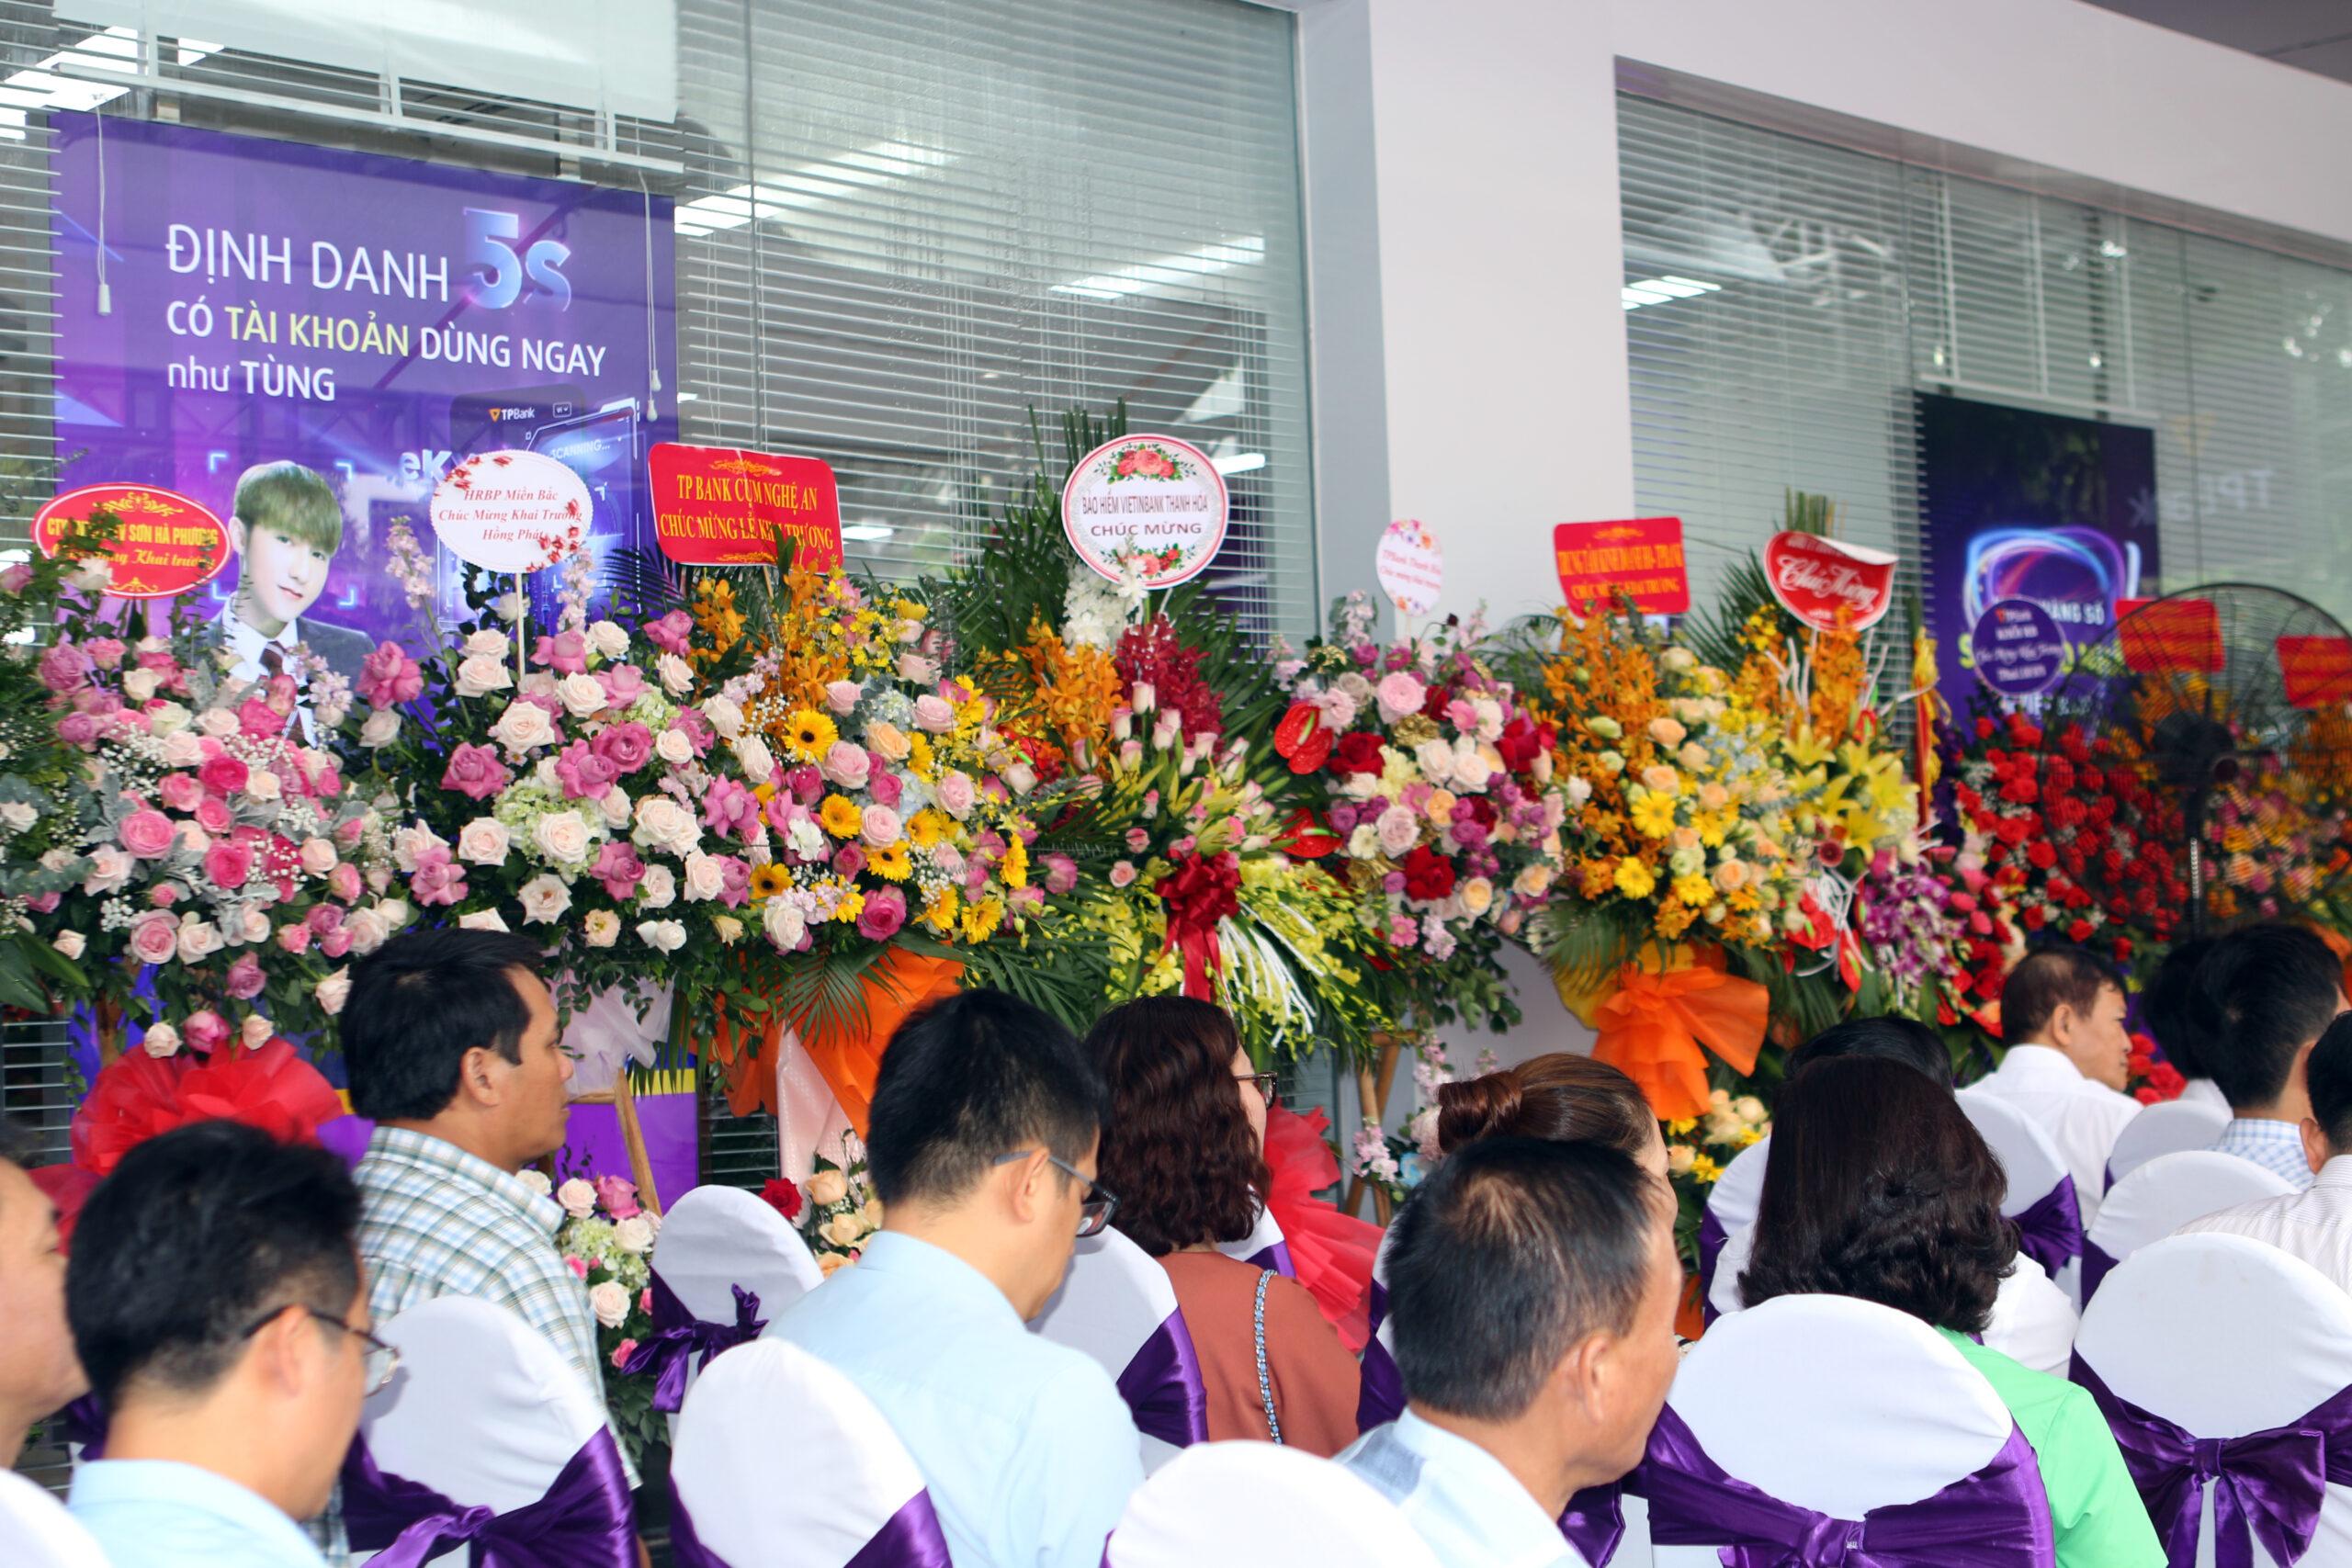 Lẵng hoa tặng của các đơn vị khách mời